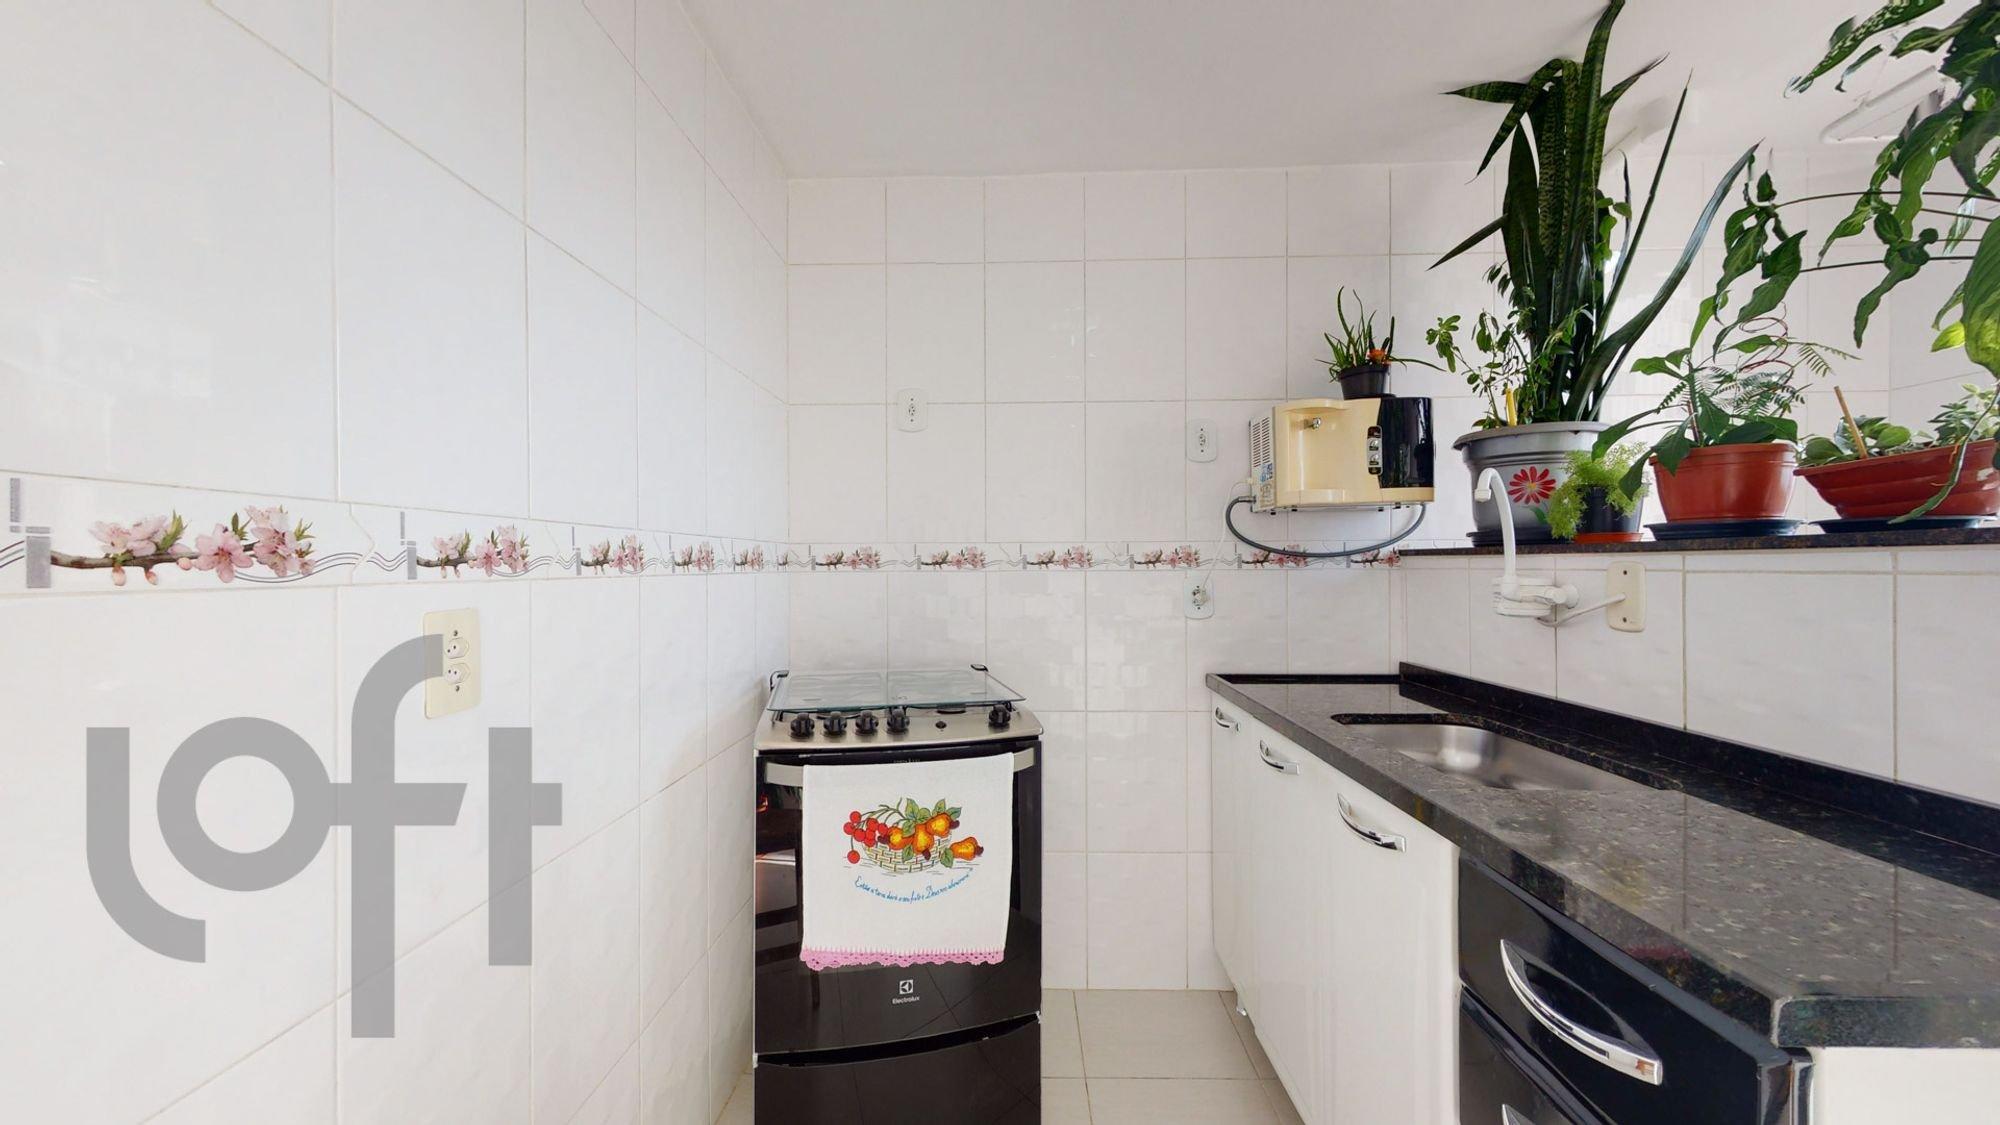 Foto de Cozinha com vaso de planta, forno, tigela, pia